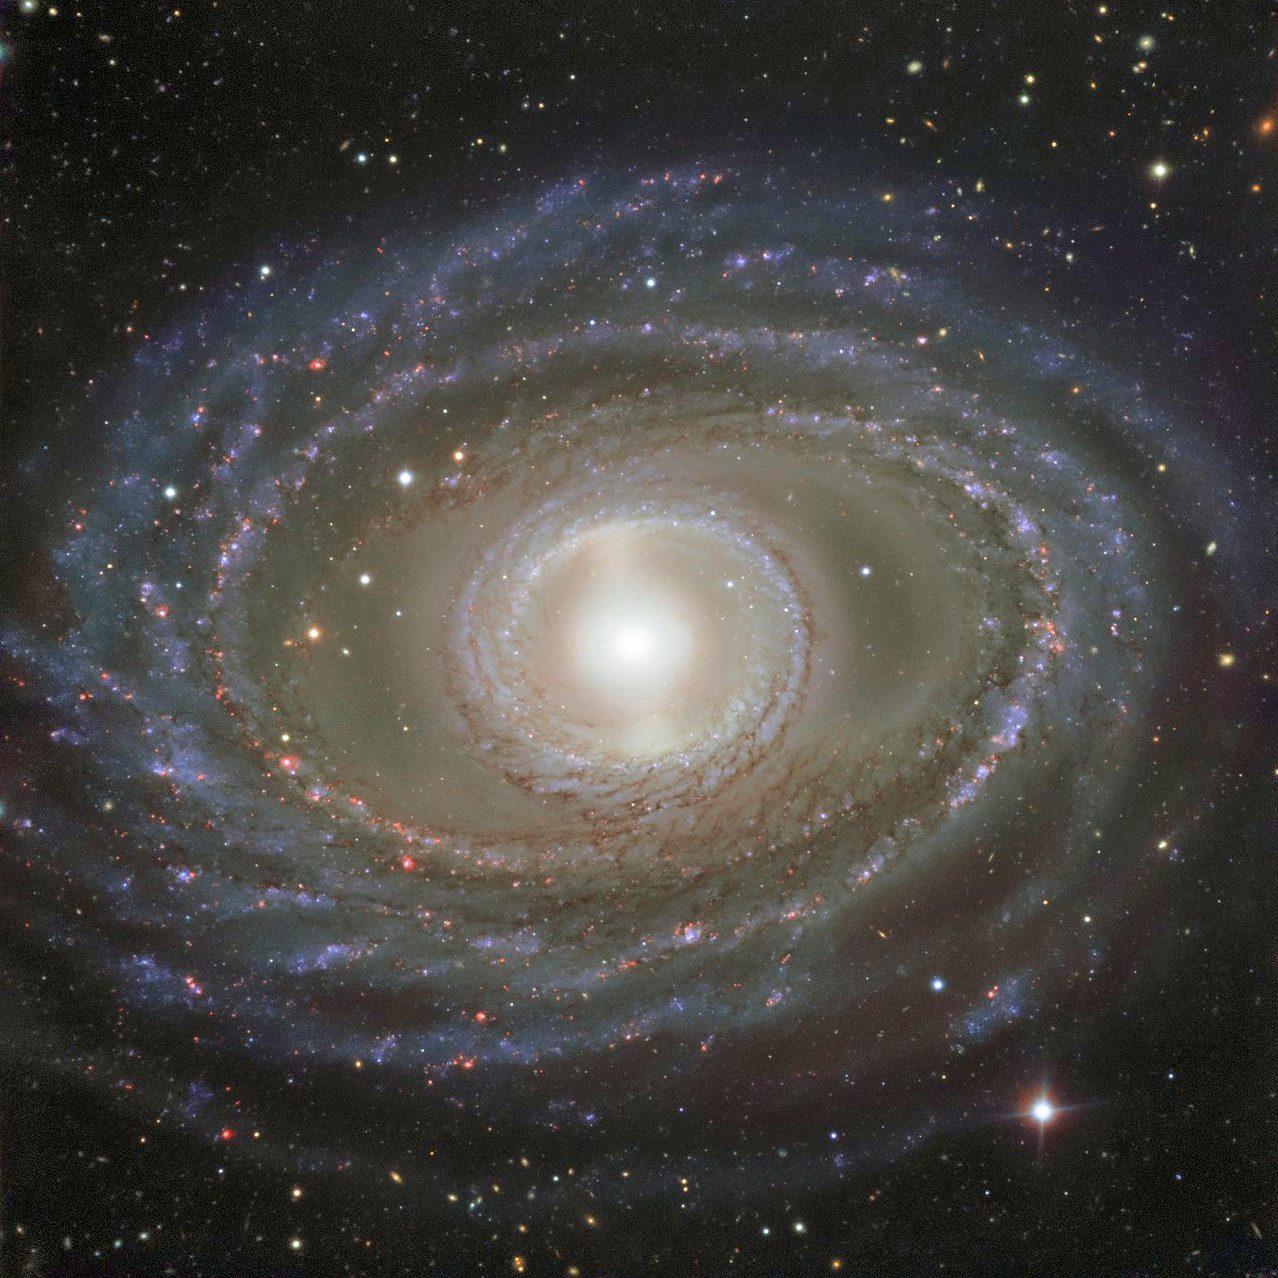 108-NGC1398-e1600882137639.jpg